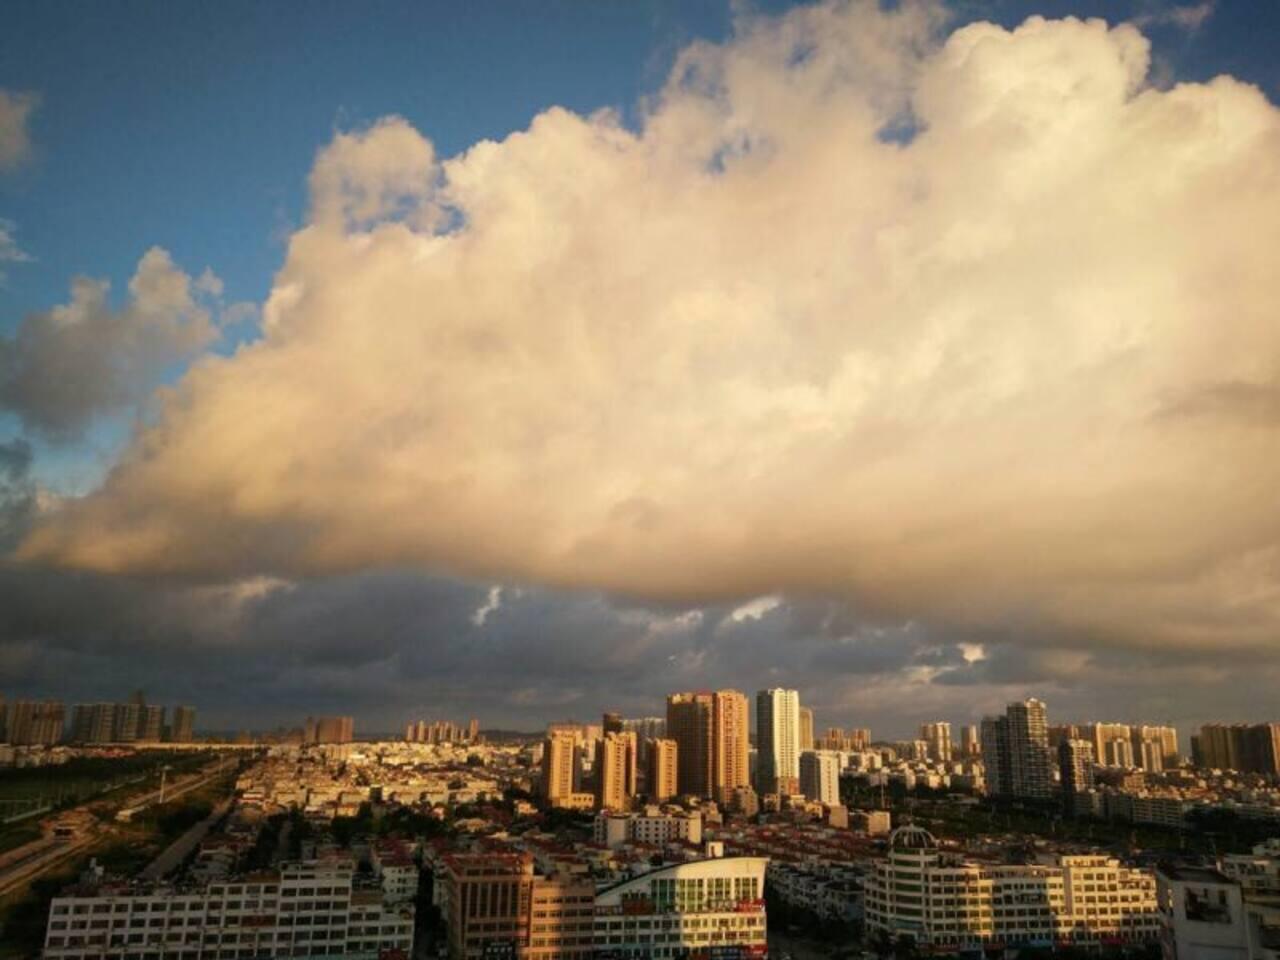 观景阳台上的开阔视野,云☁️飞云舞之美。